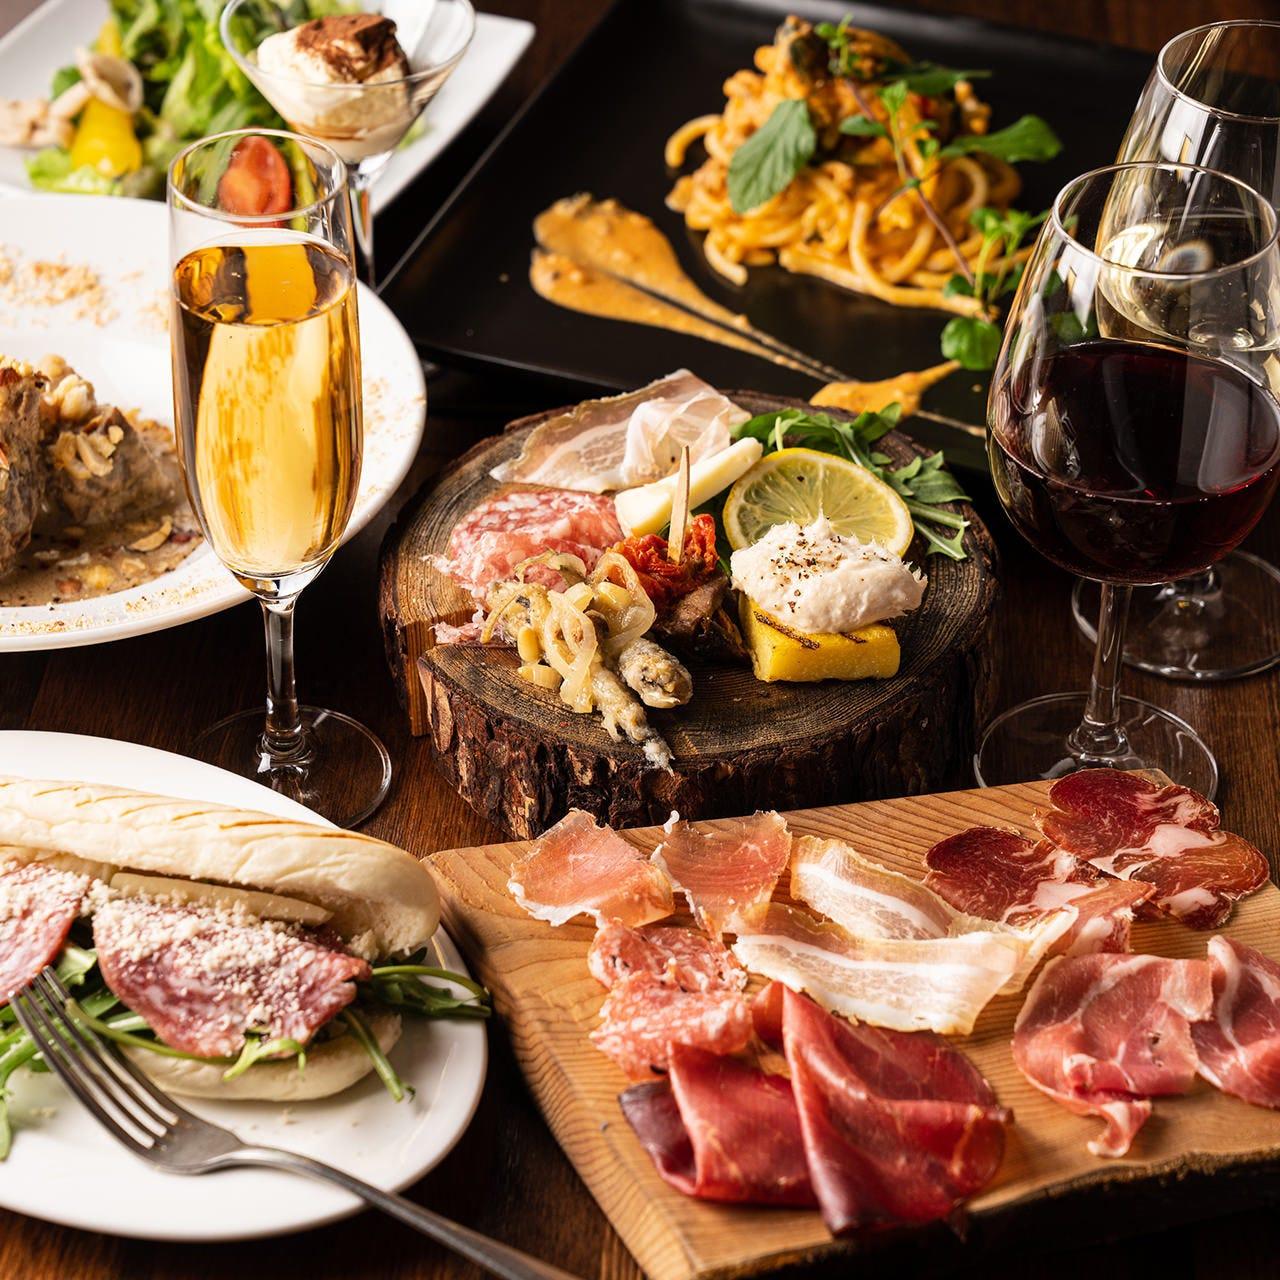 前菜、パスタ、デザートまで内容充実の料理が自慢!飲み放題付き『イタリアン女子会コース』全7品